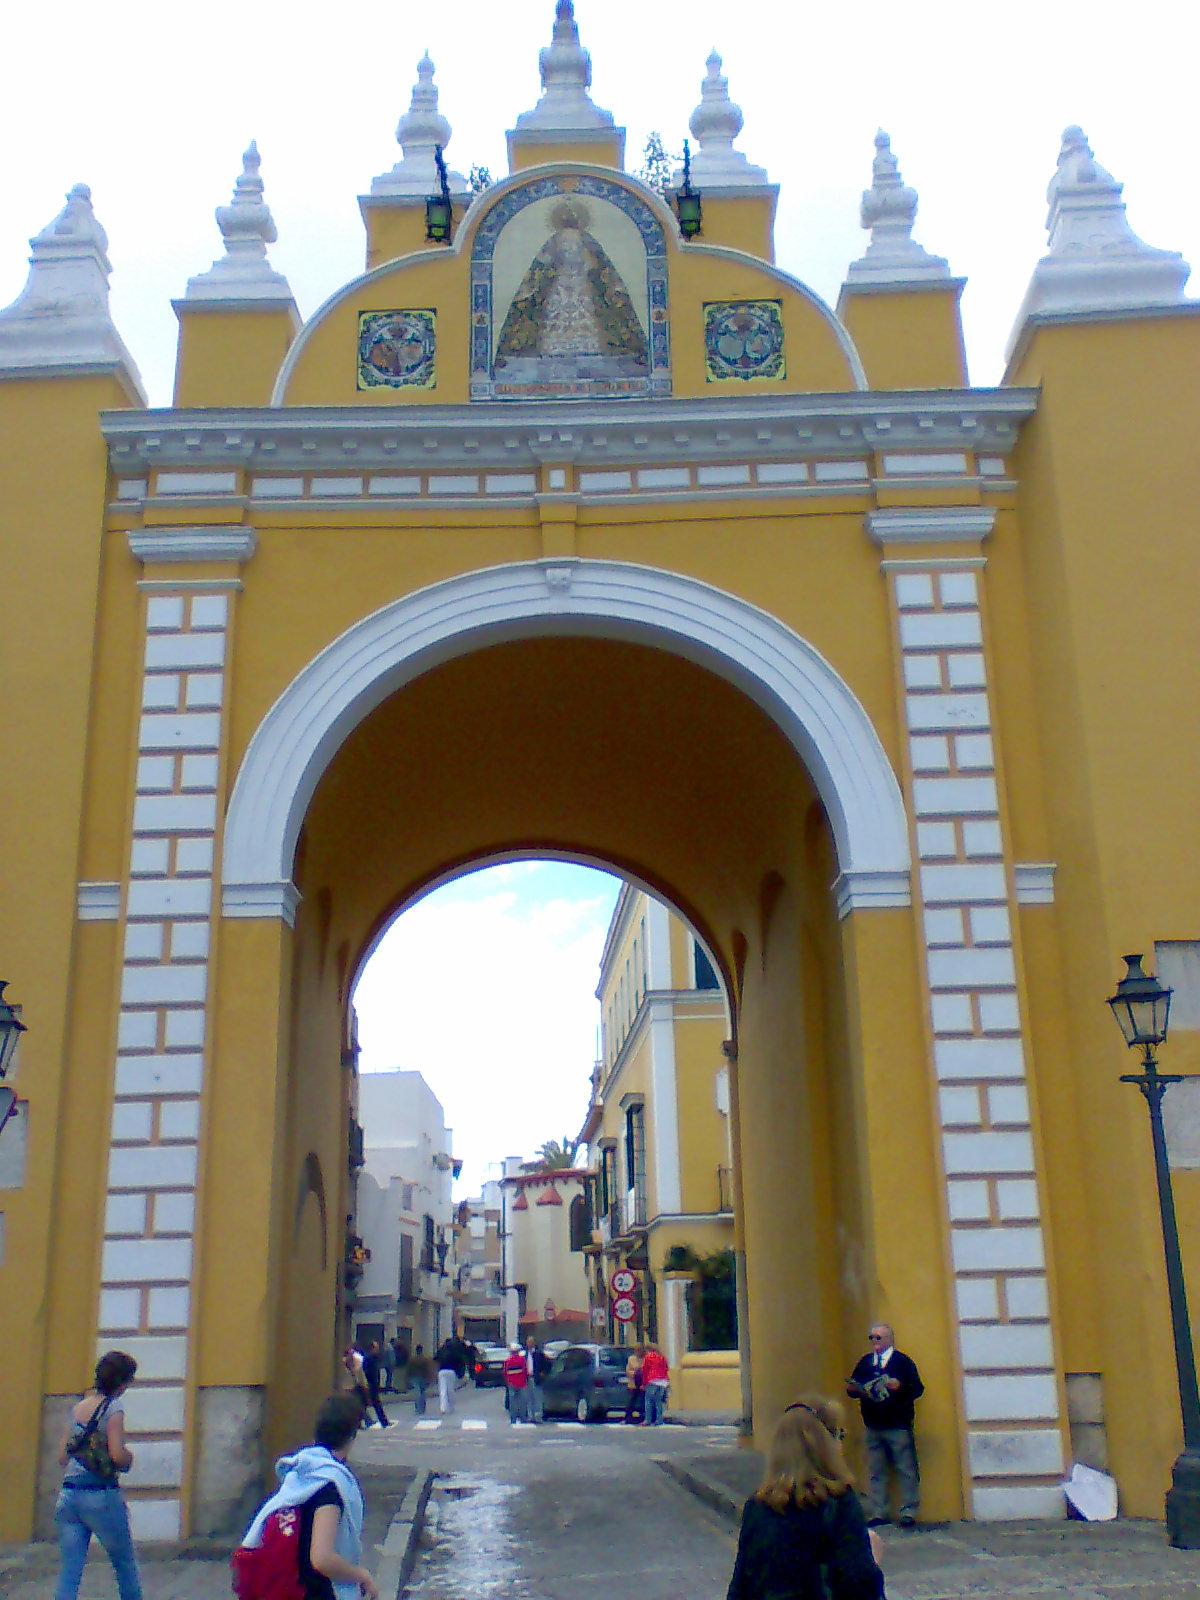 Puerta De La Macarena (Seville)